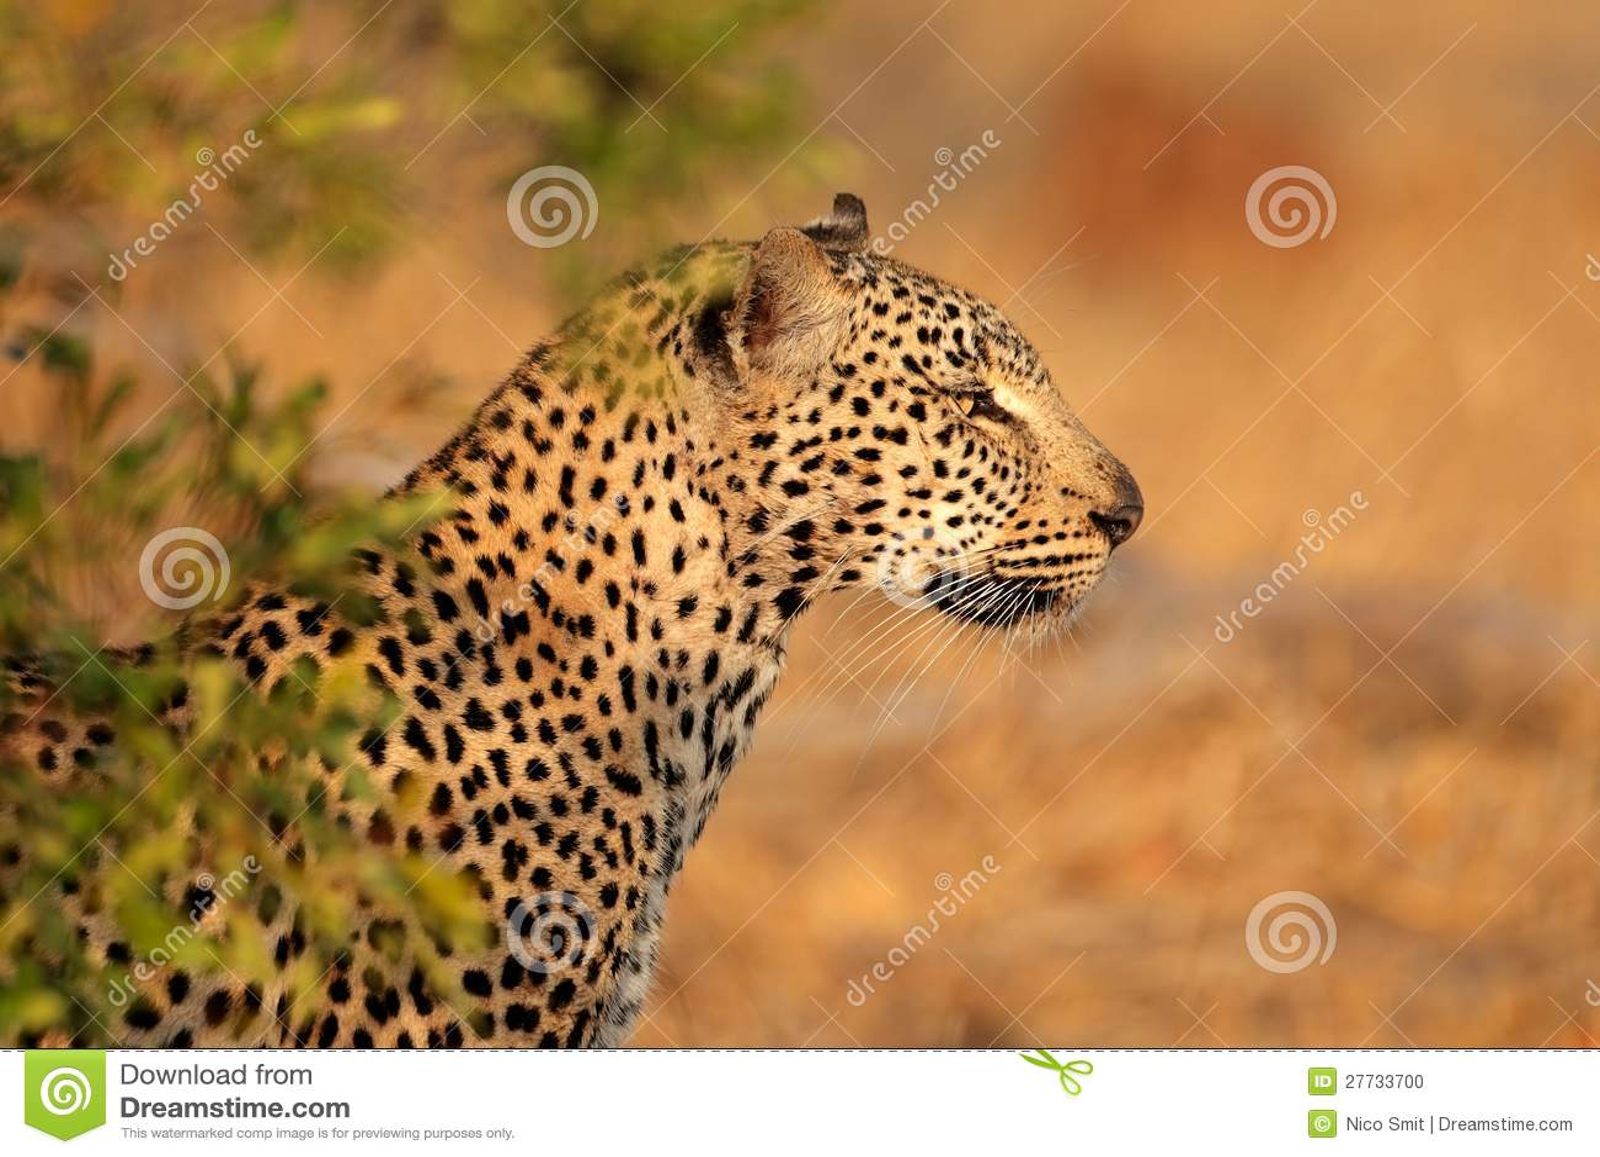 Leopardportrait